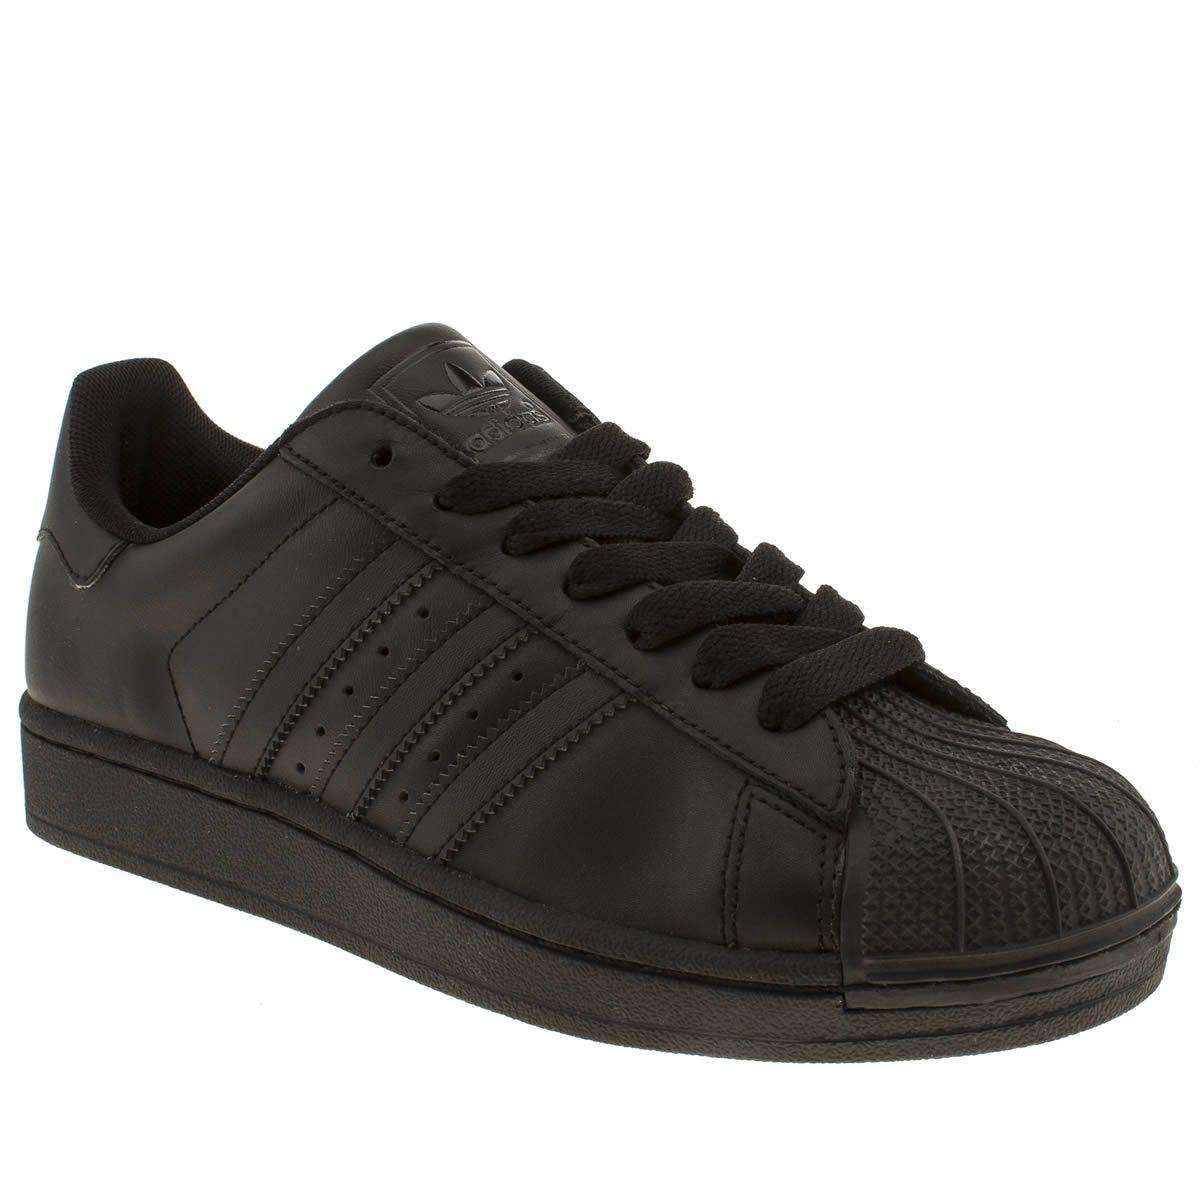 black adidas superstars ladies trainers